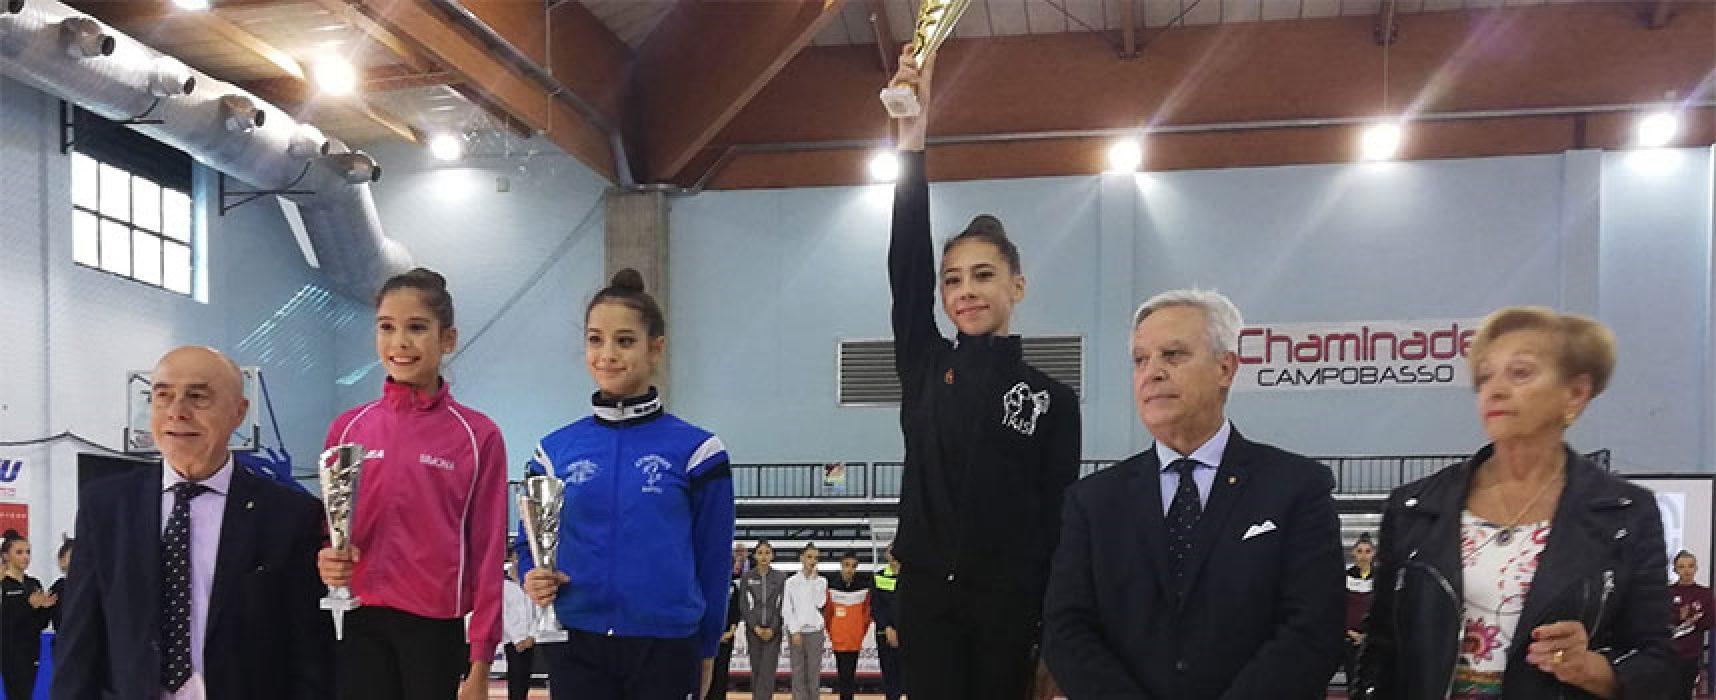 Ginnastica Ritmica, la biscegliese Abbadessa vince ed approda al Campionato Nazionale